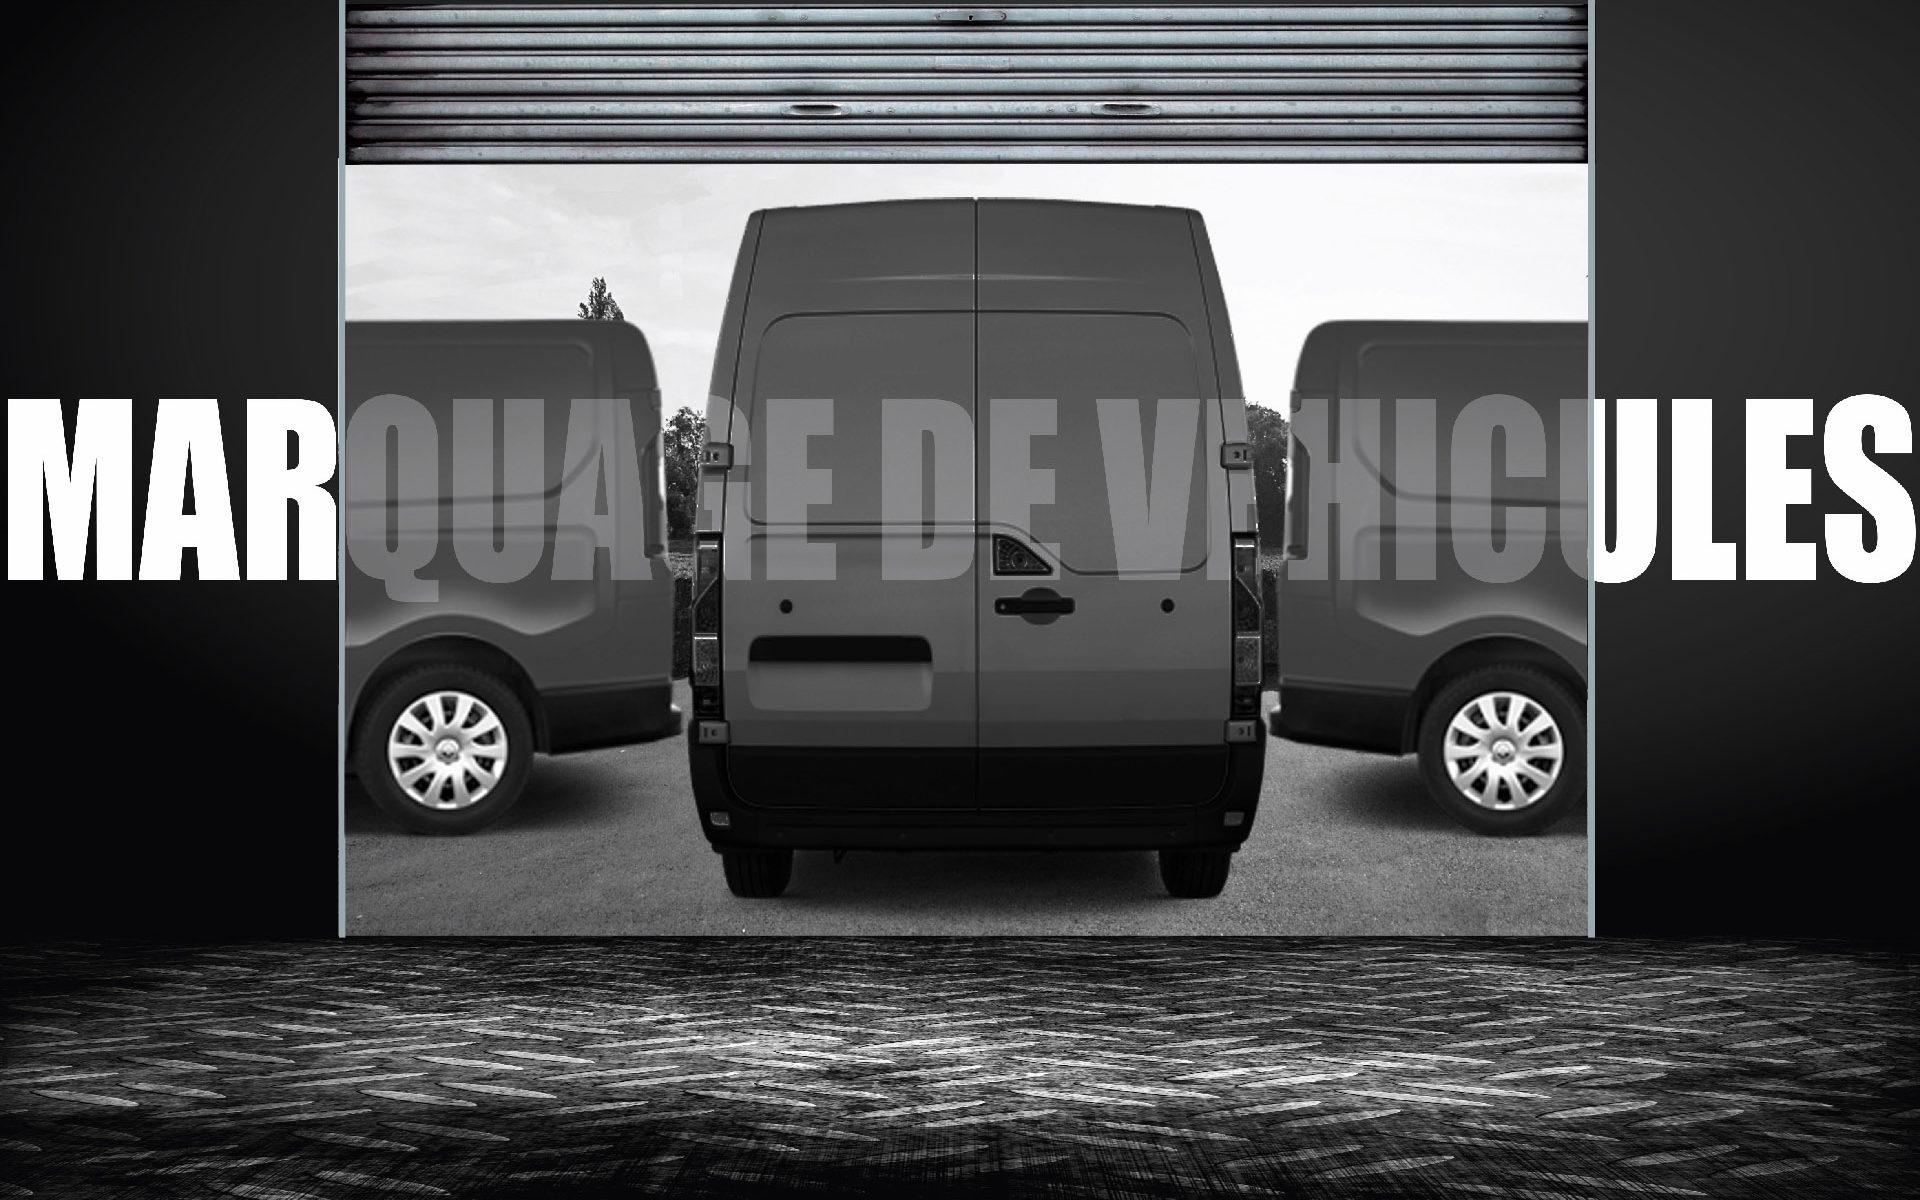 """Trompe l'œil en noir et blanc : les mots """"Marquage de véhicules"""" chevauchent plusieurs camions et le mur de l'atelier"""